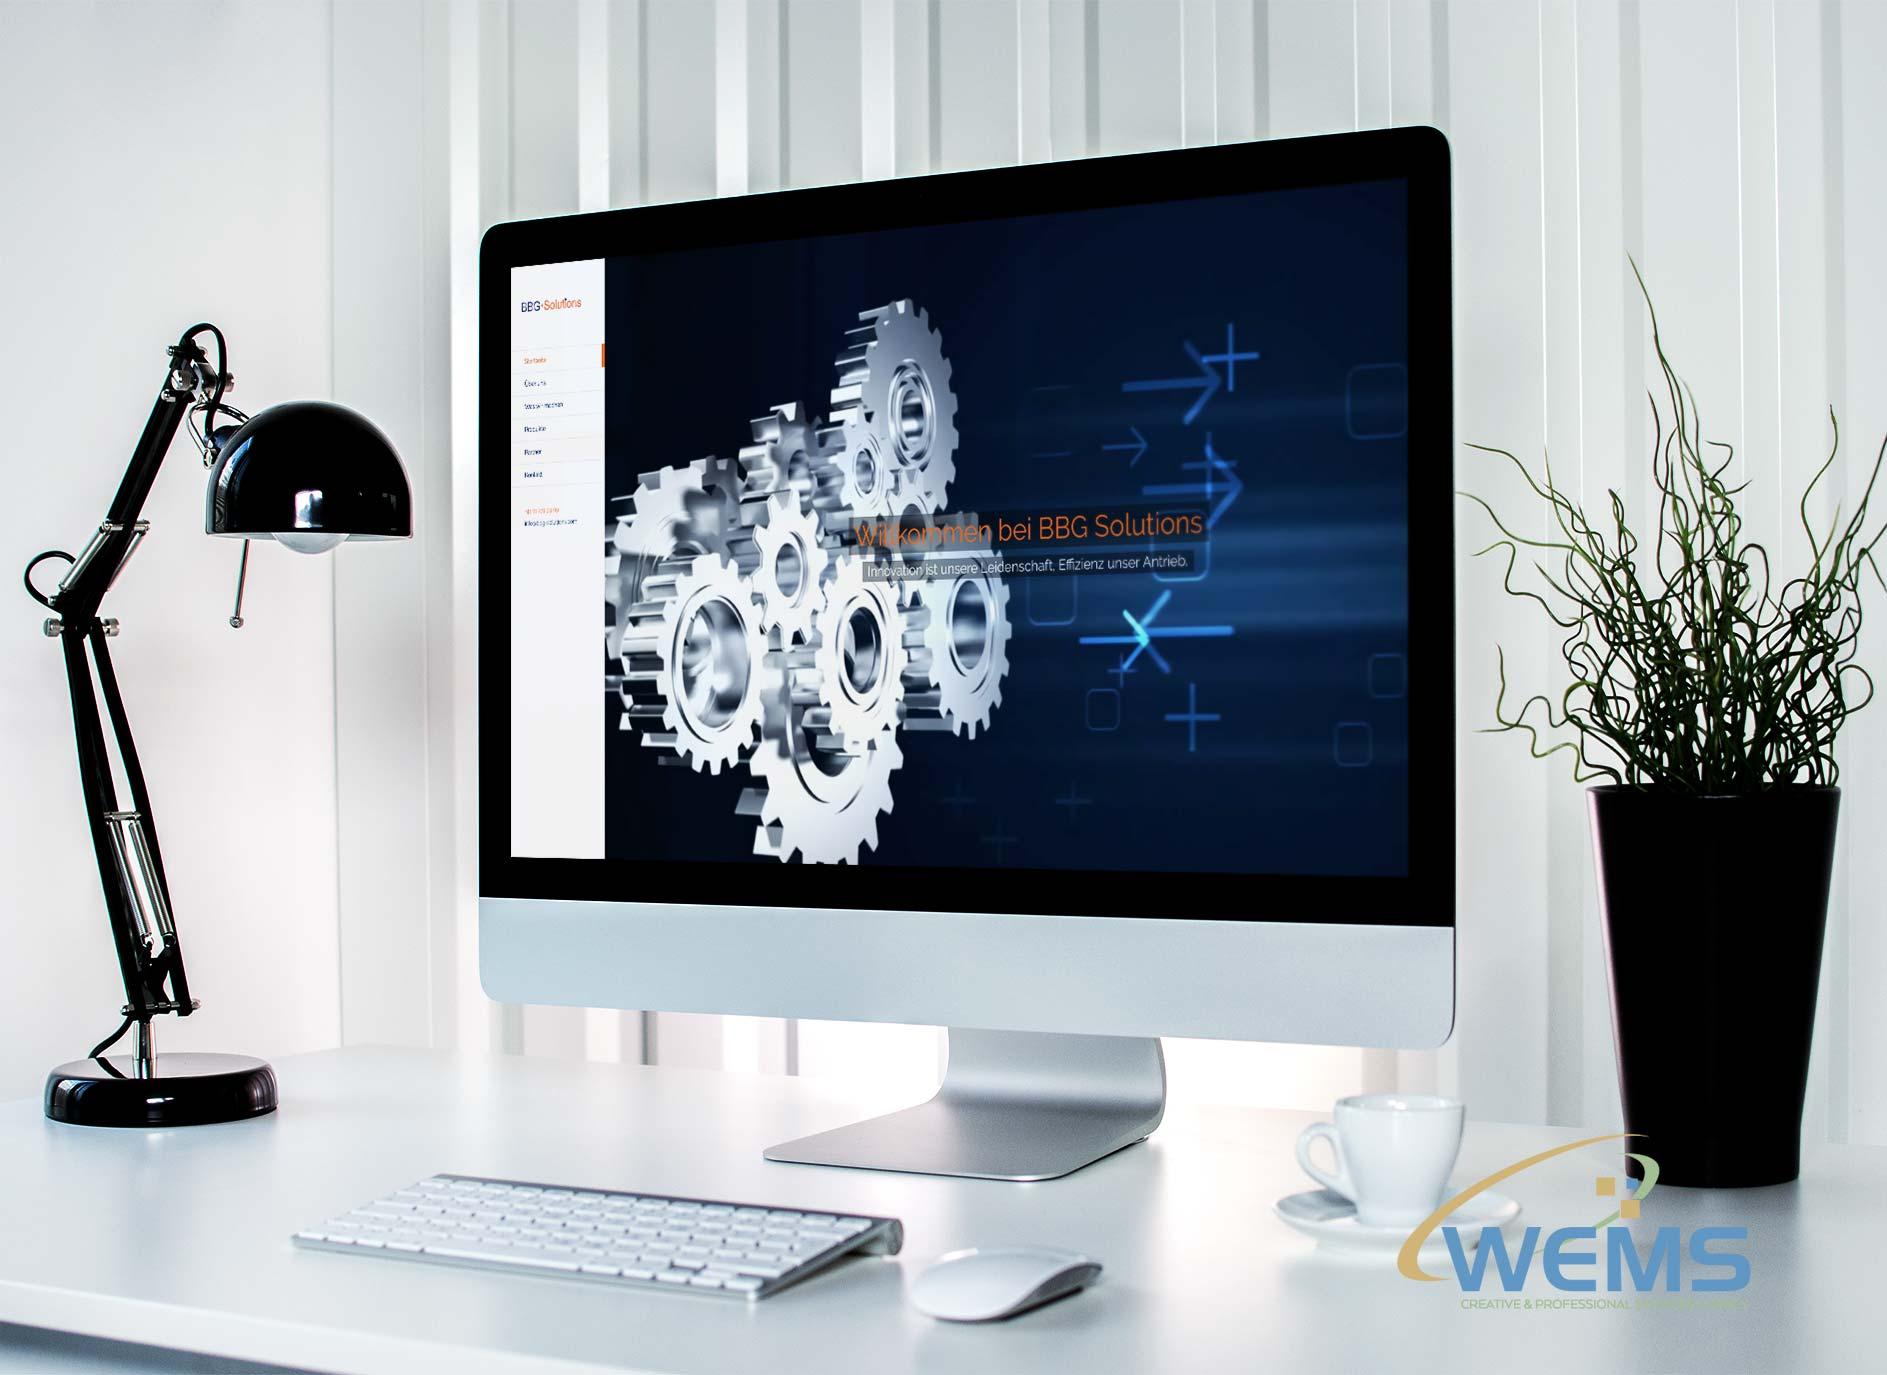 wems agency webdesign mockup bbg solutions 1 - Webdesign et optimisation pour les moteurs de recherche (SEO)